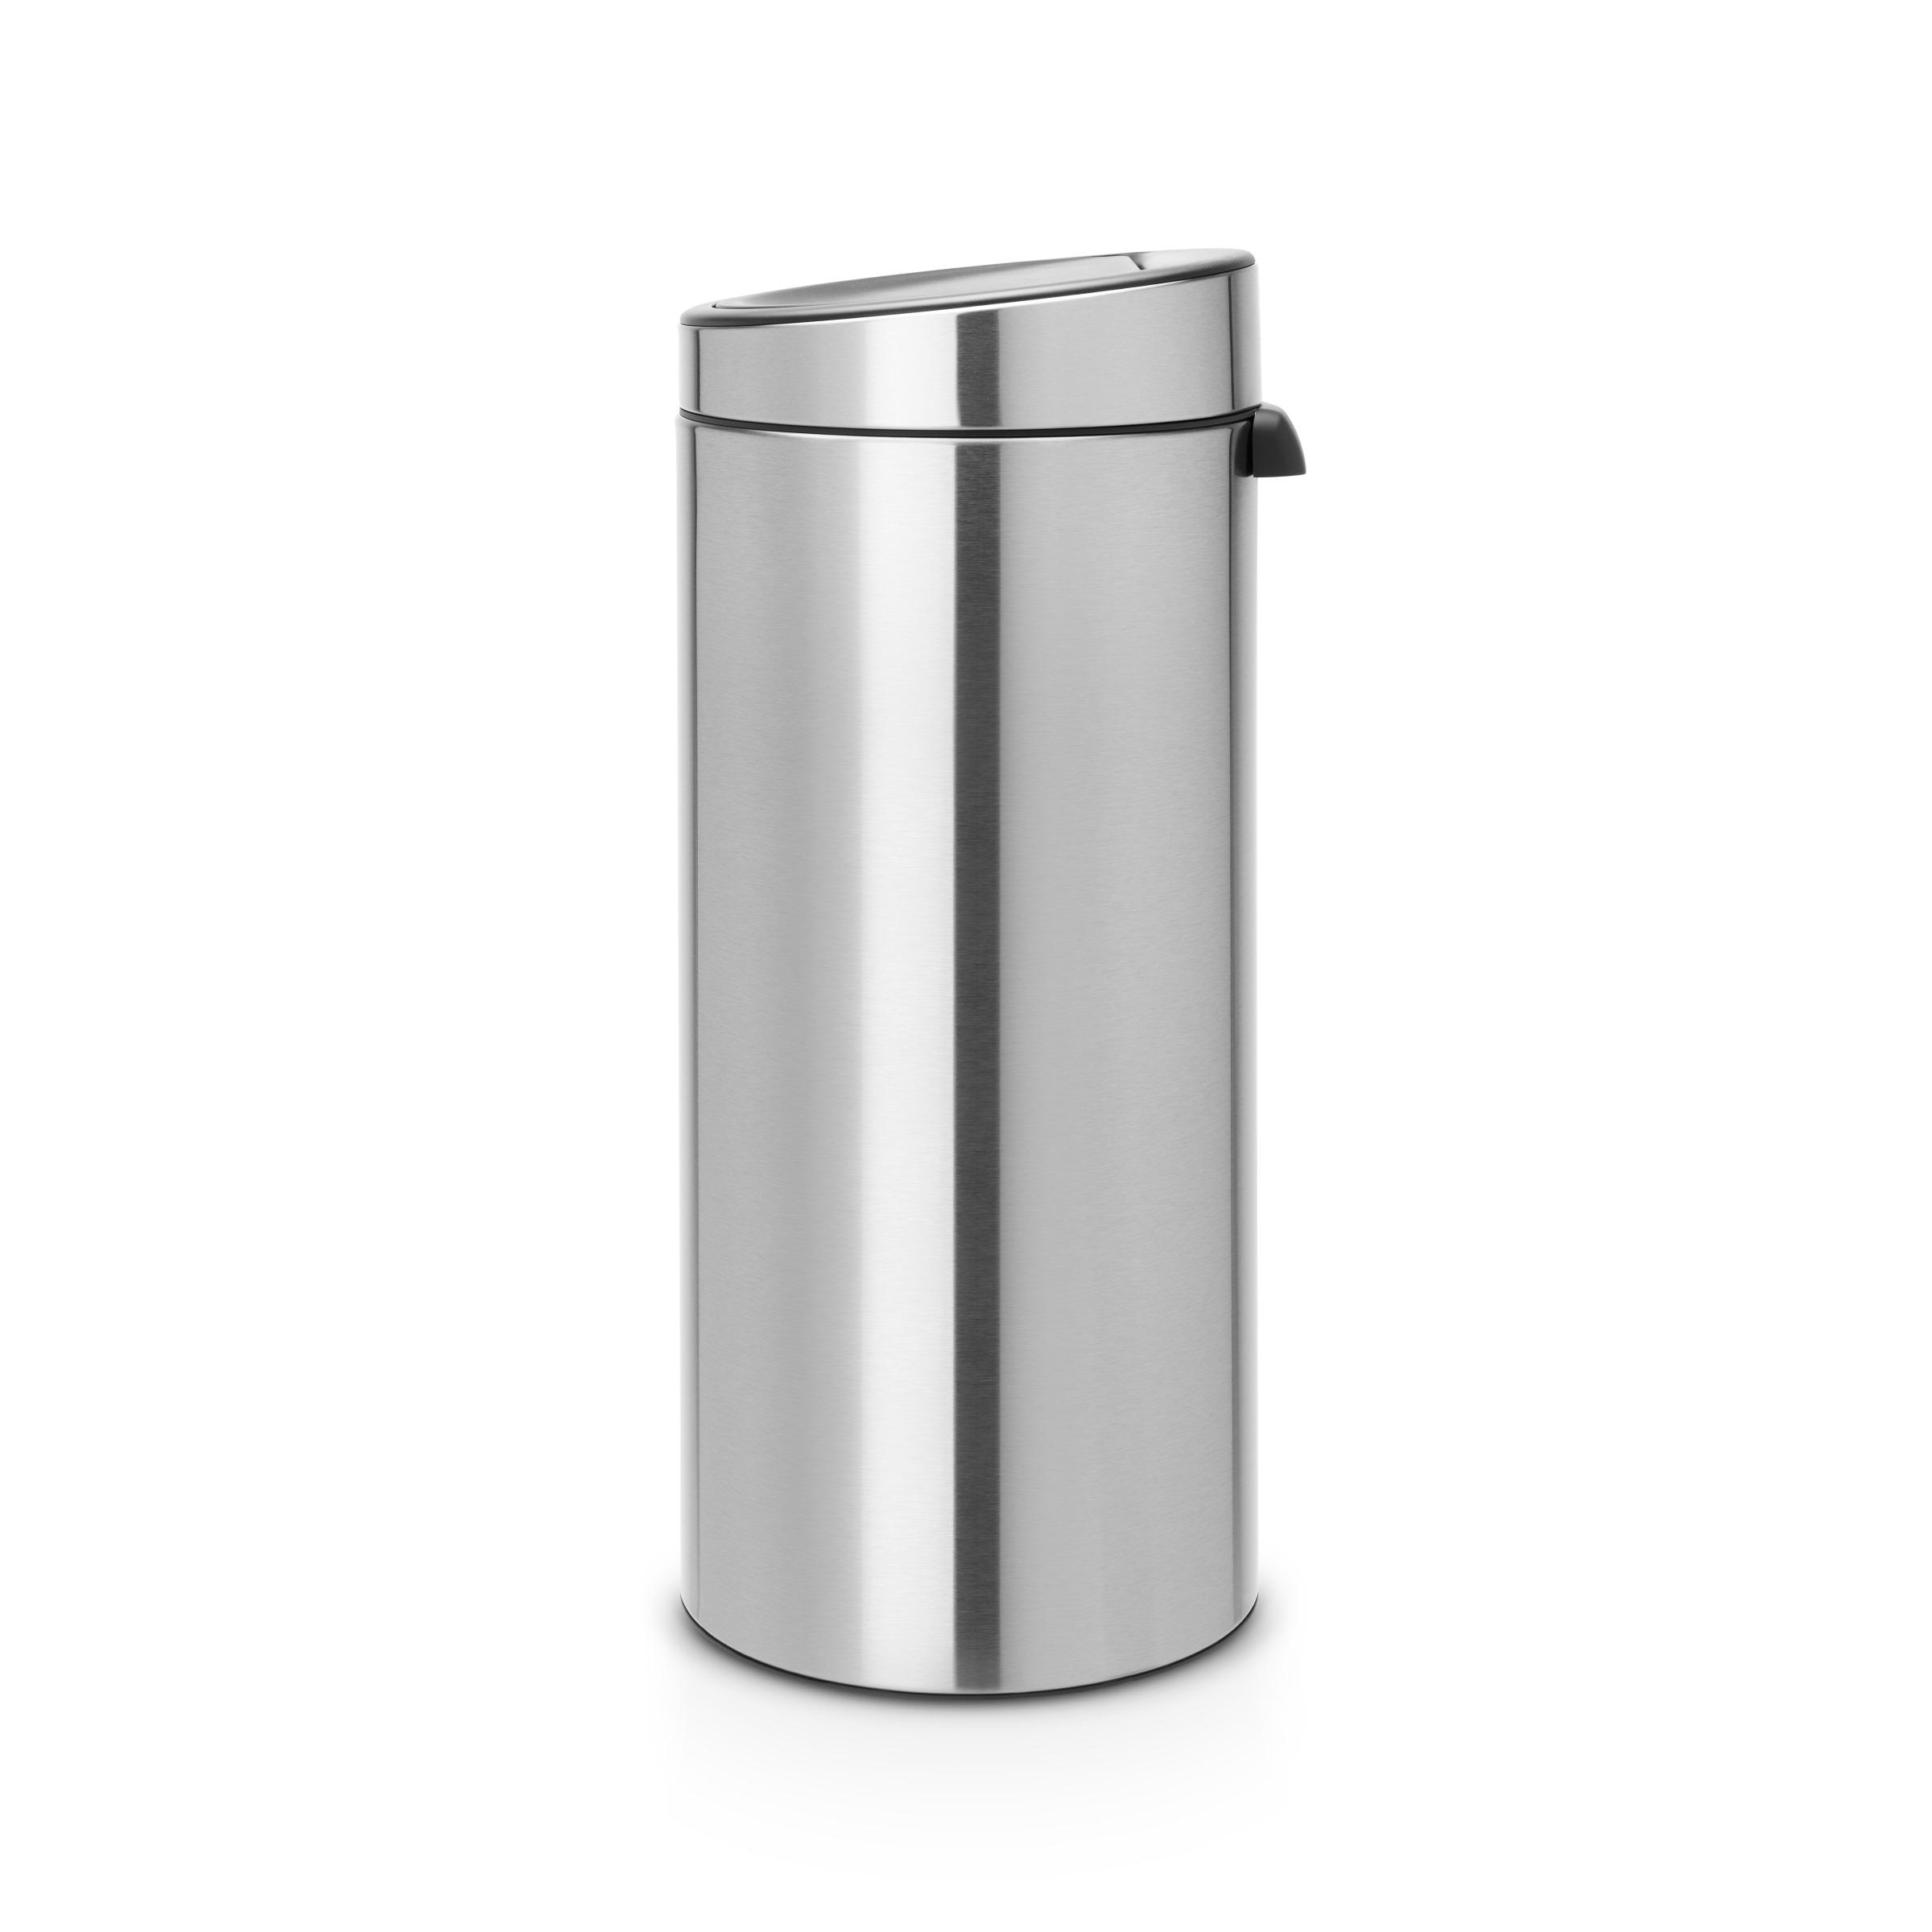 Brabantia Prullenbak 30 Liter.Brabantia Touch Bin 30 Liter Matt Steel In 2019 Products Hobbyruimte